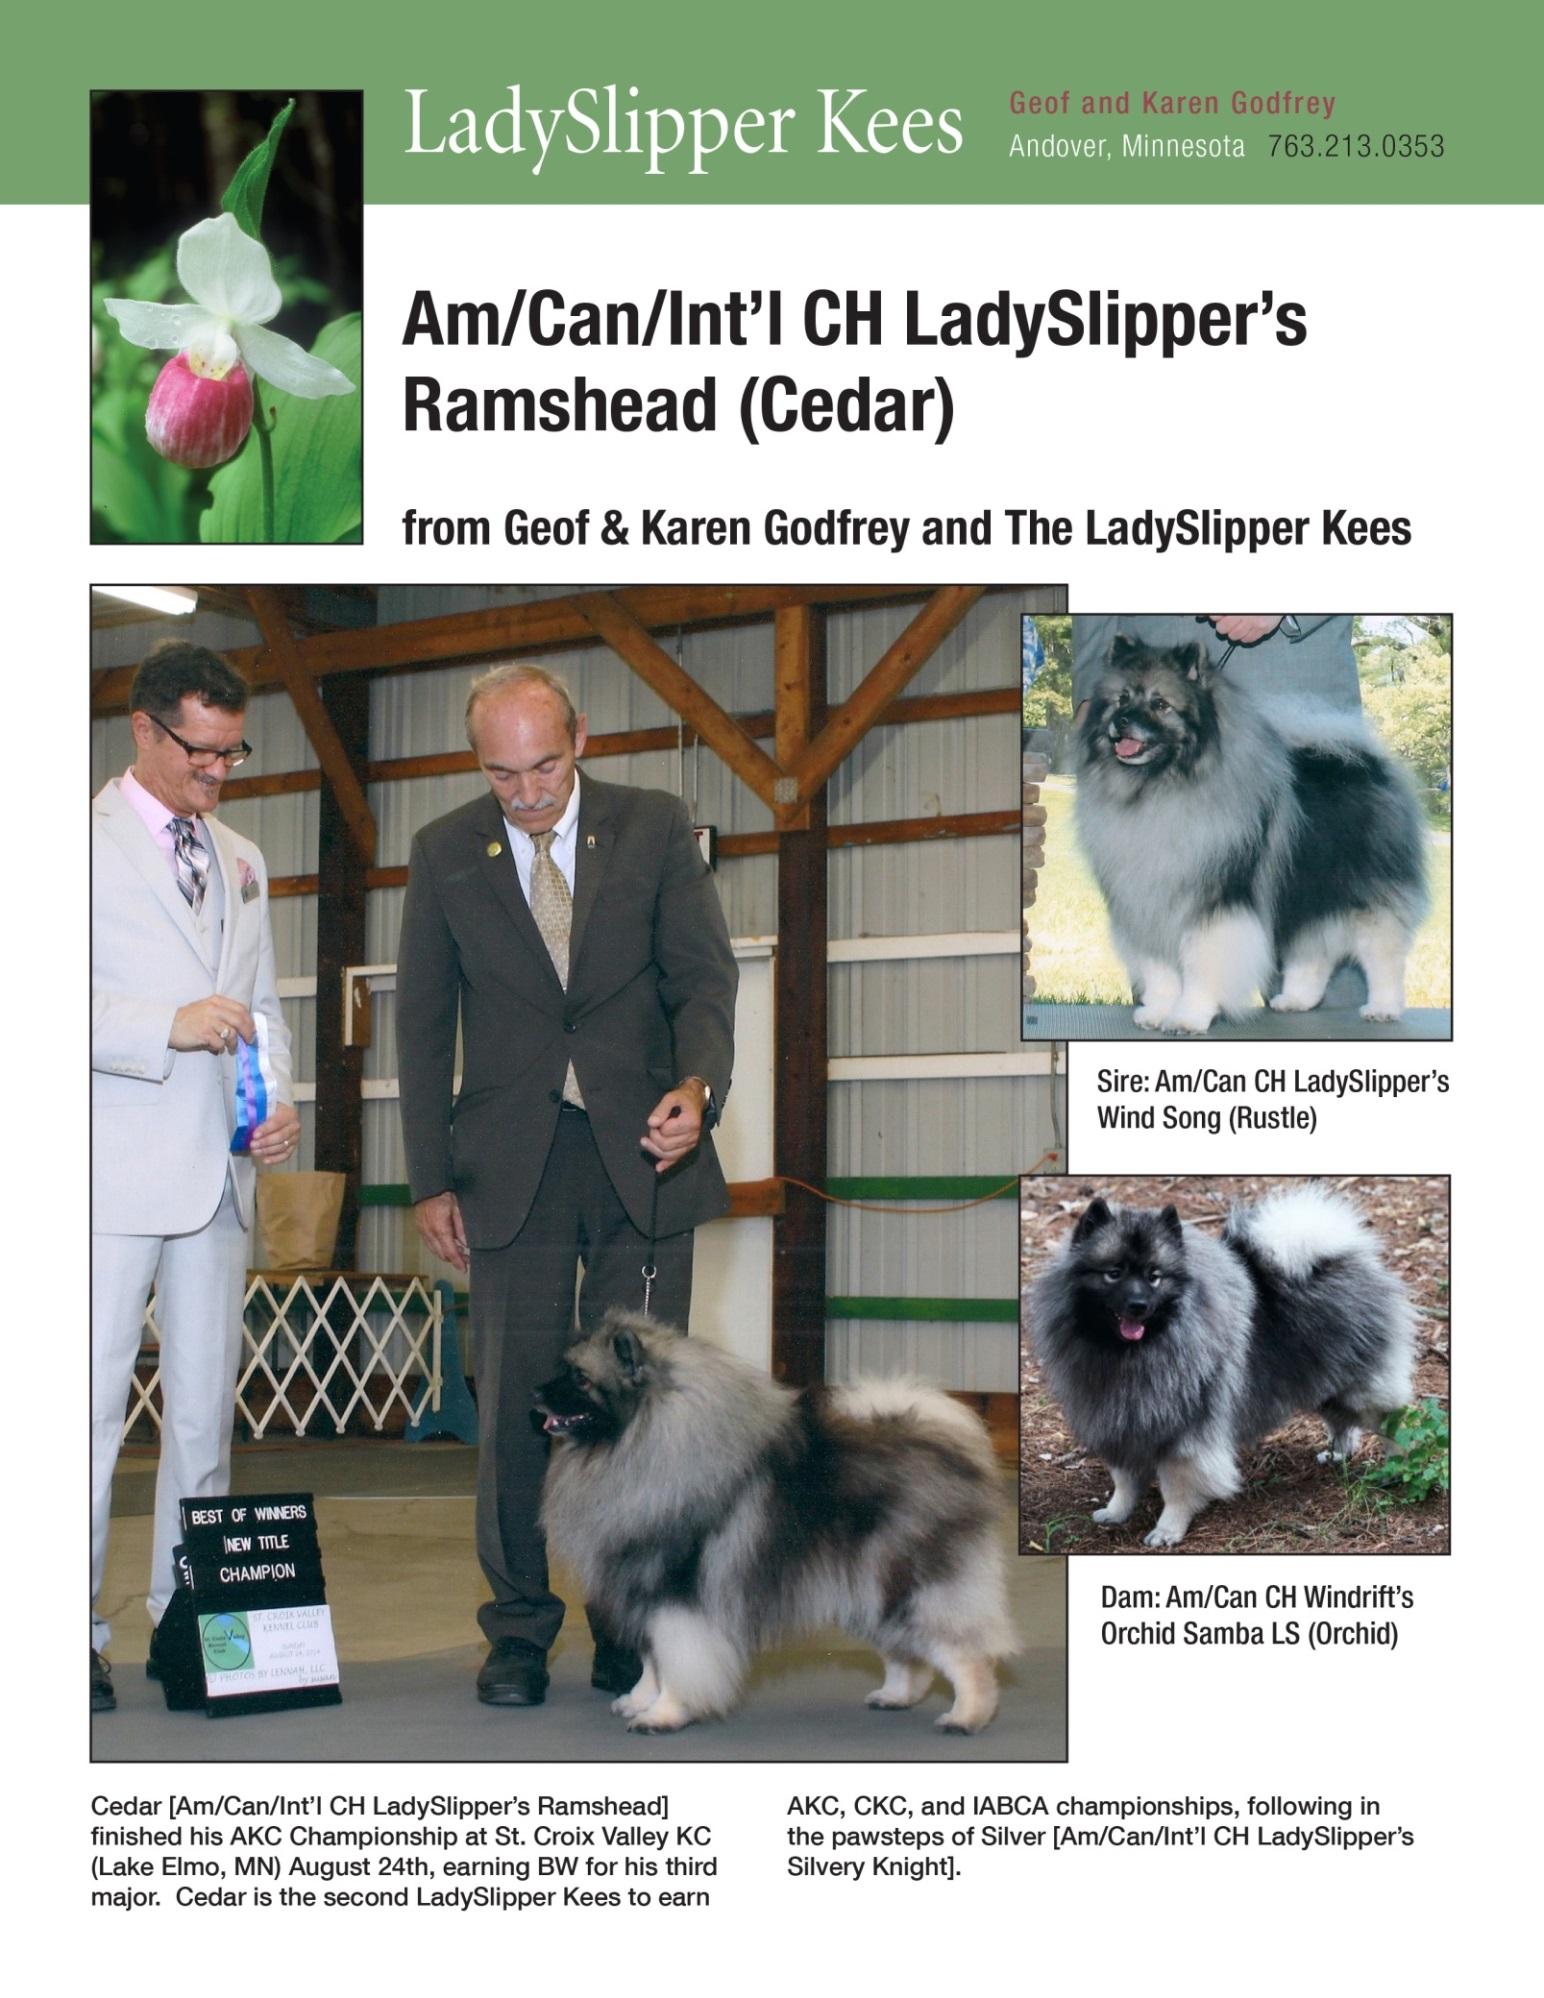 Lady Slipper-K&G Godfrey